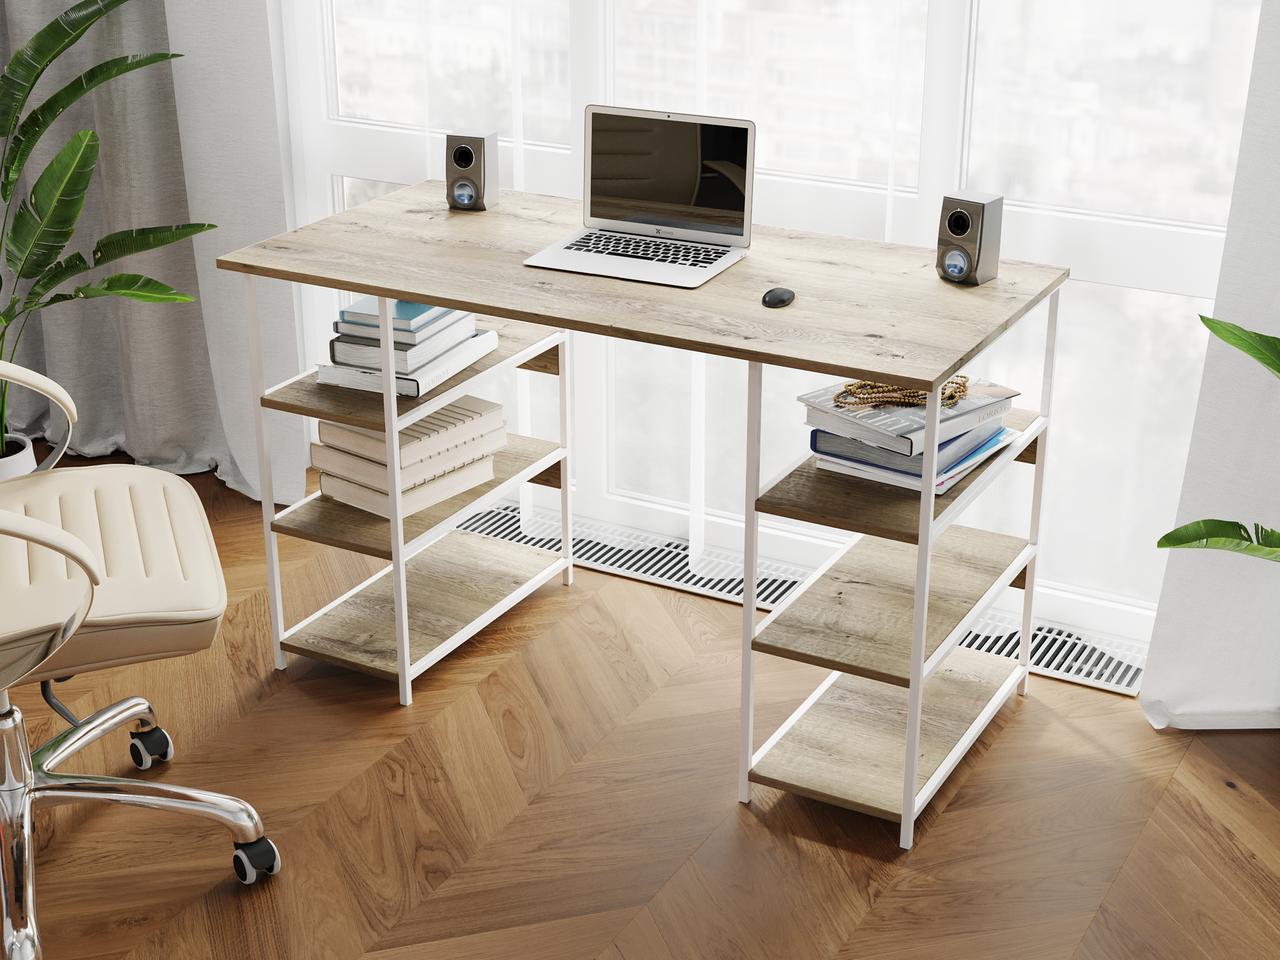 Комп'ютерний стіл лофтовый з полицями по боках з ДСП Код: VZ-21